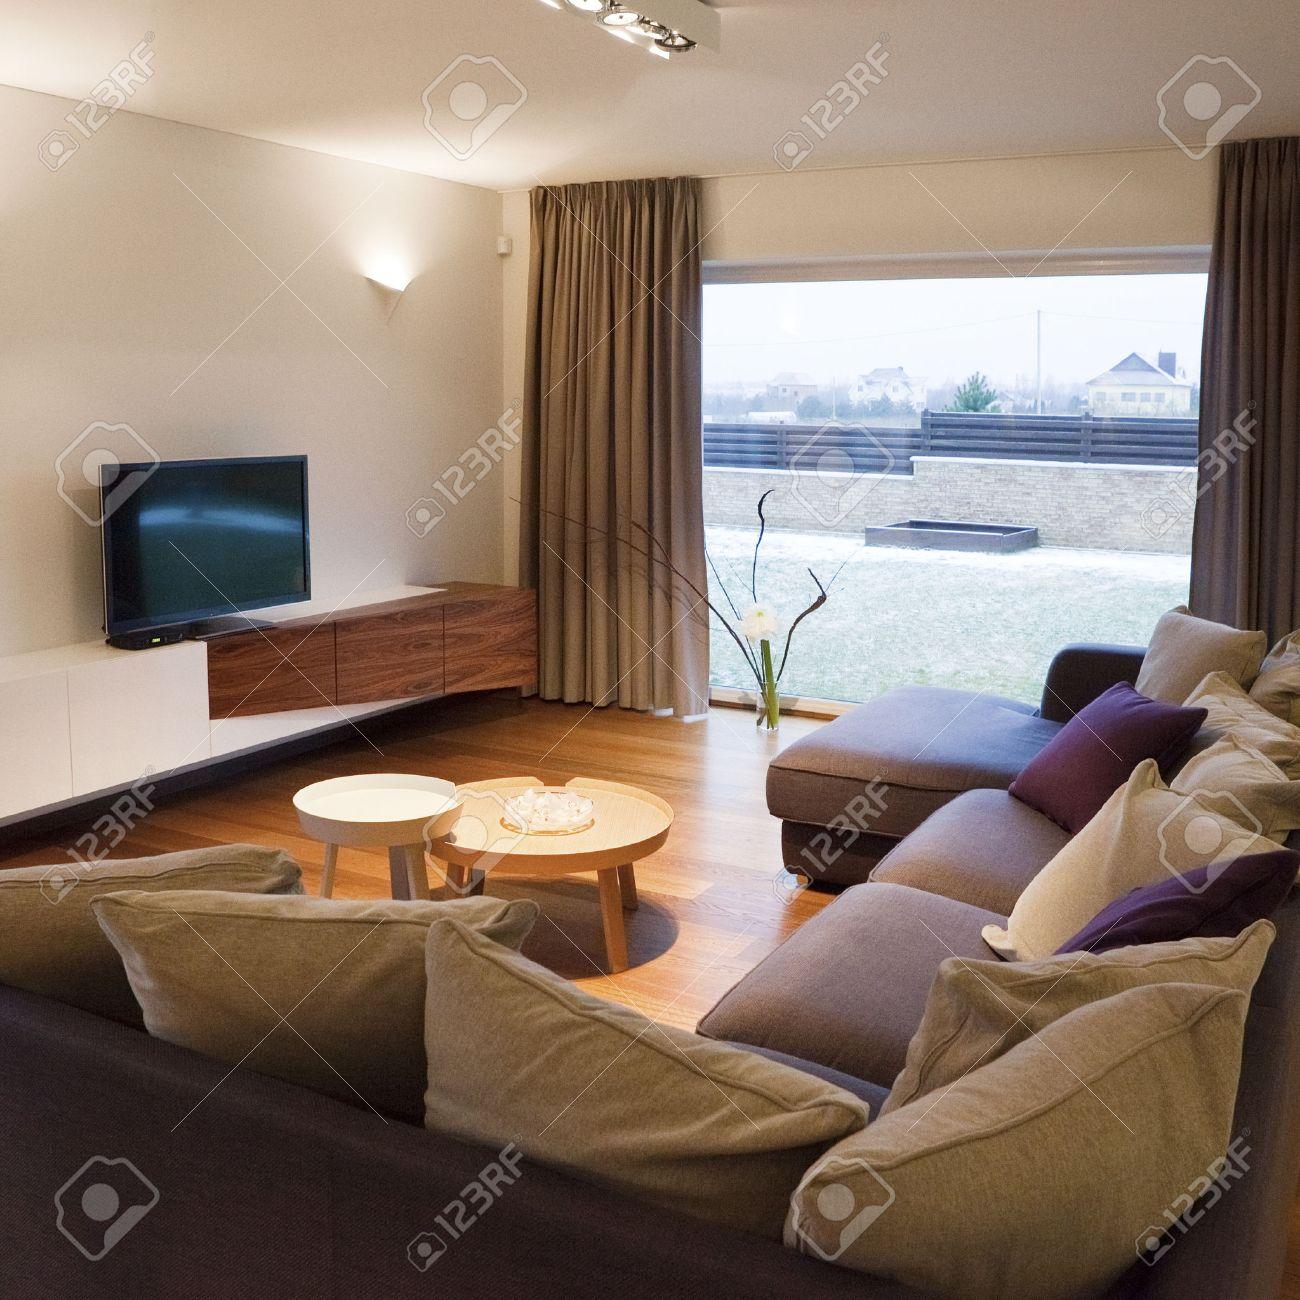 cozy living room with tv. Interior Design - Cozy Living Room With TV Set And Large Window Stock Photo 30529659 Tv G